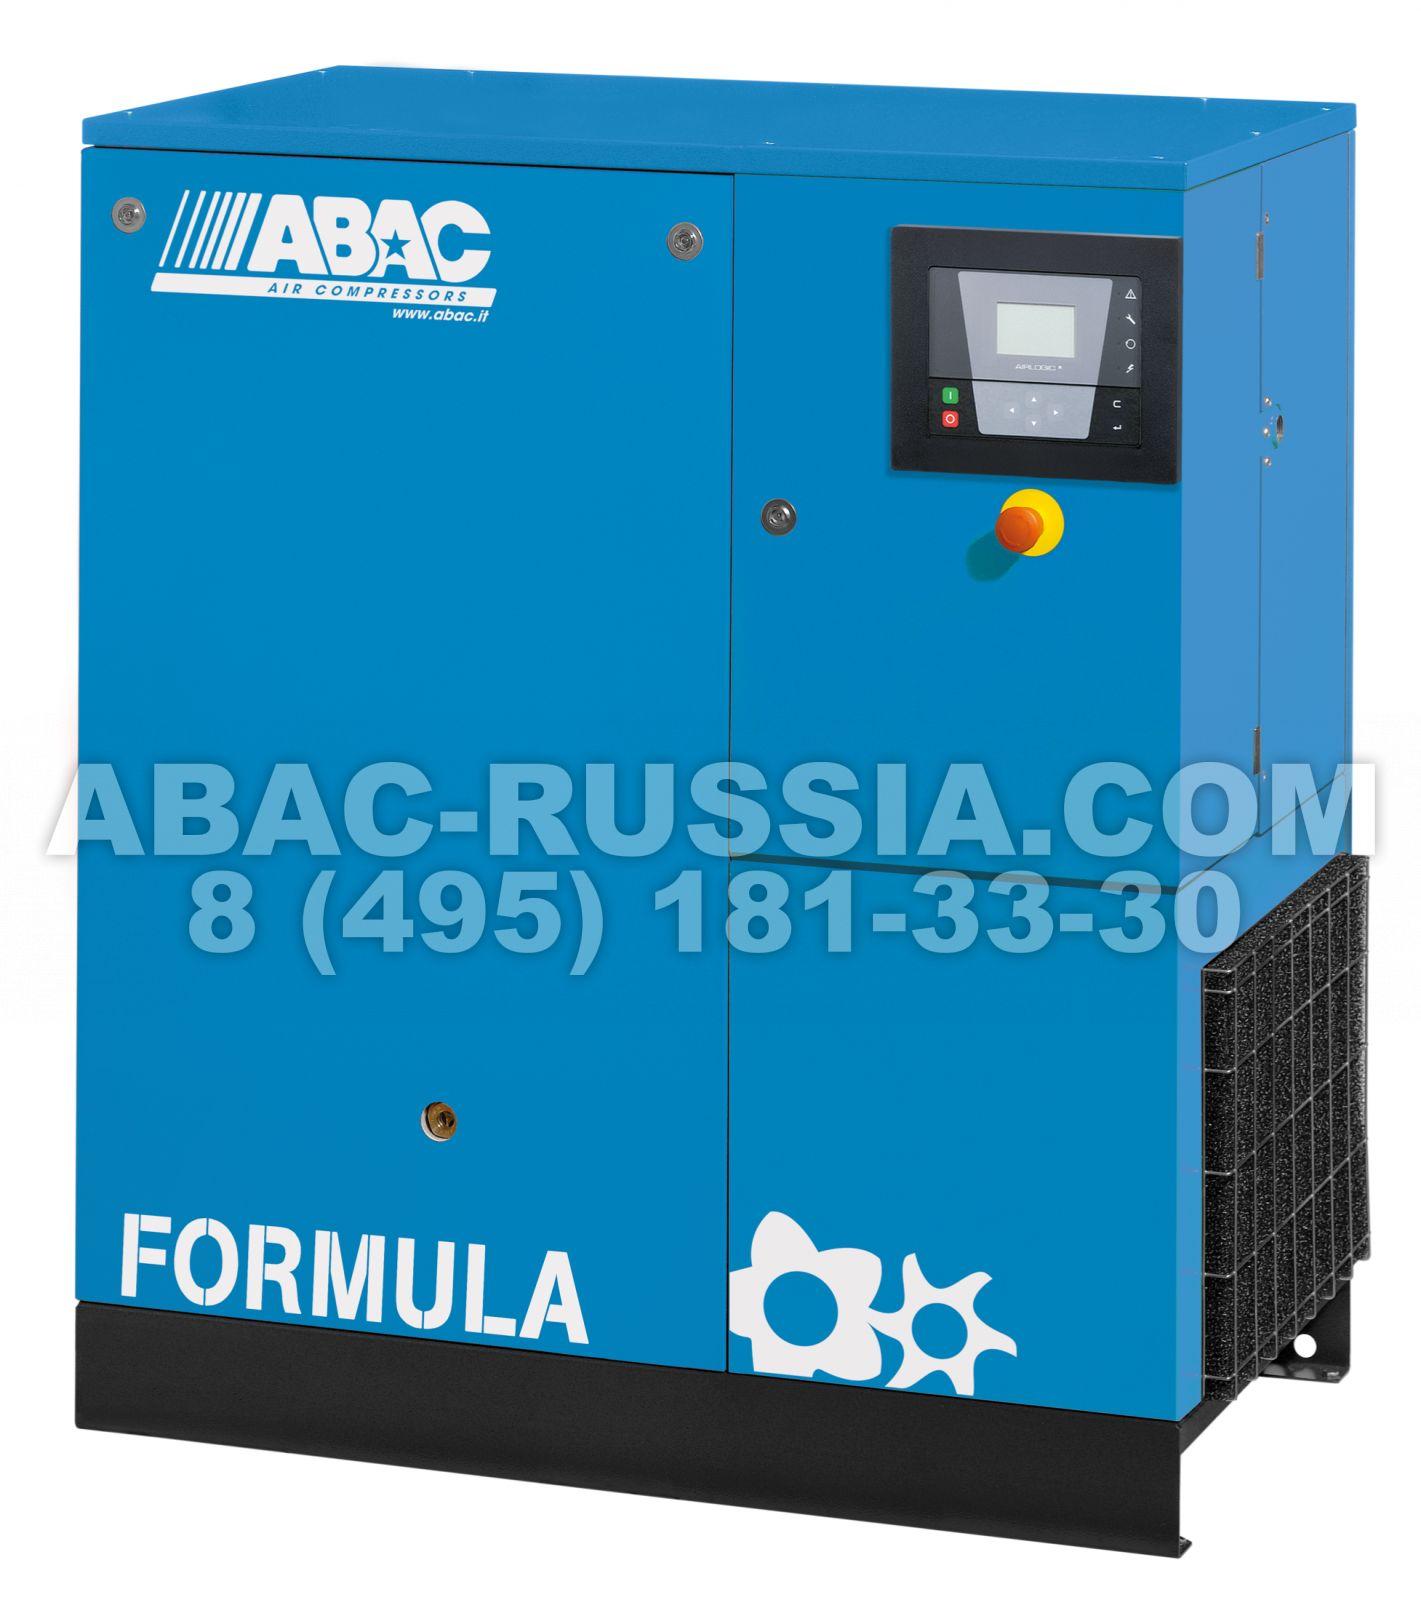 Винтовой компрессор ABAC FORMULA 1108 4152025389